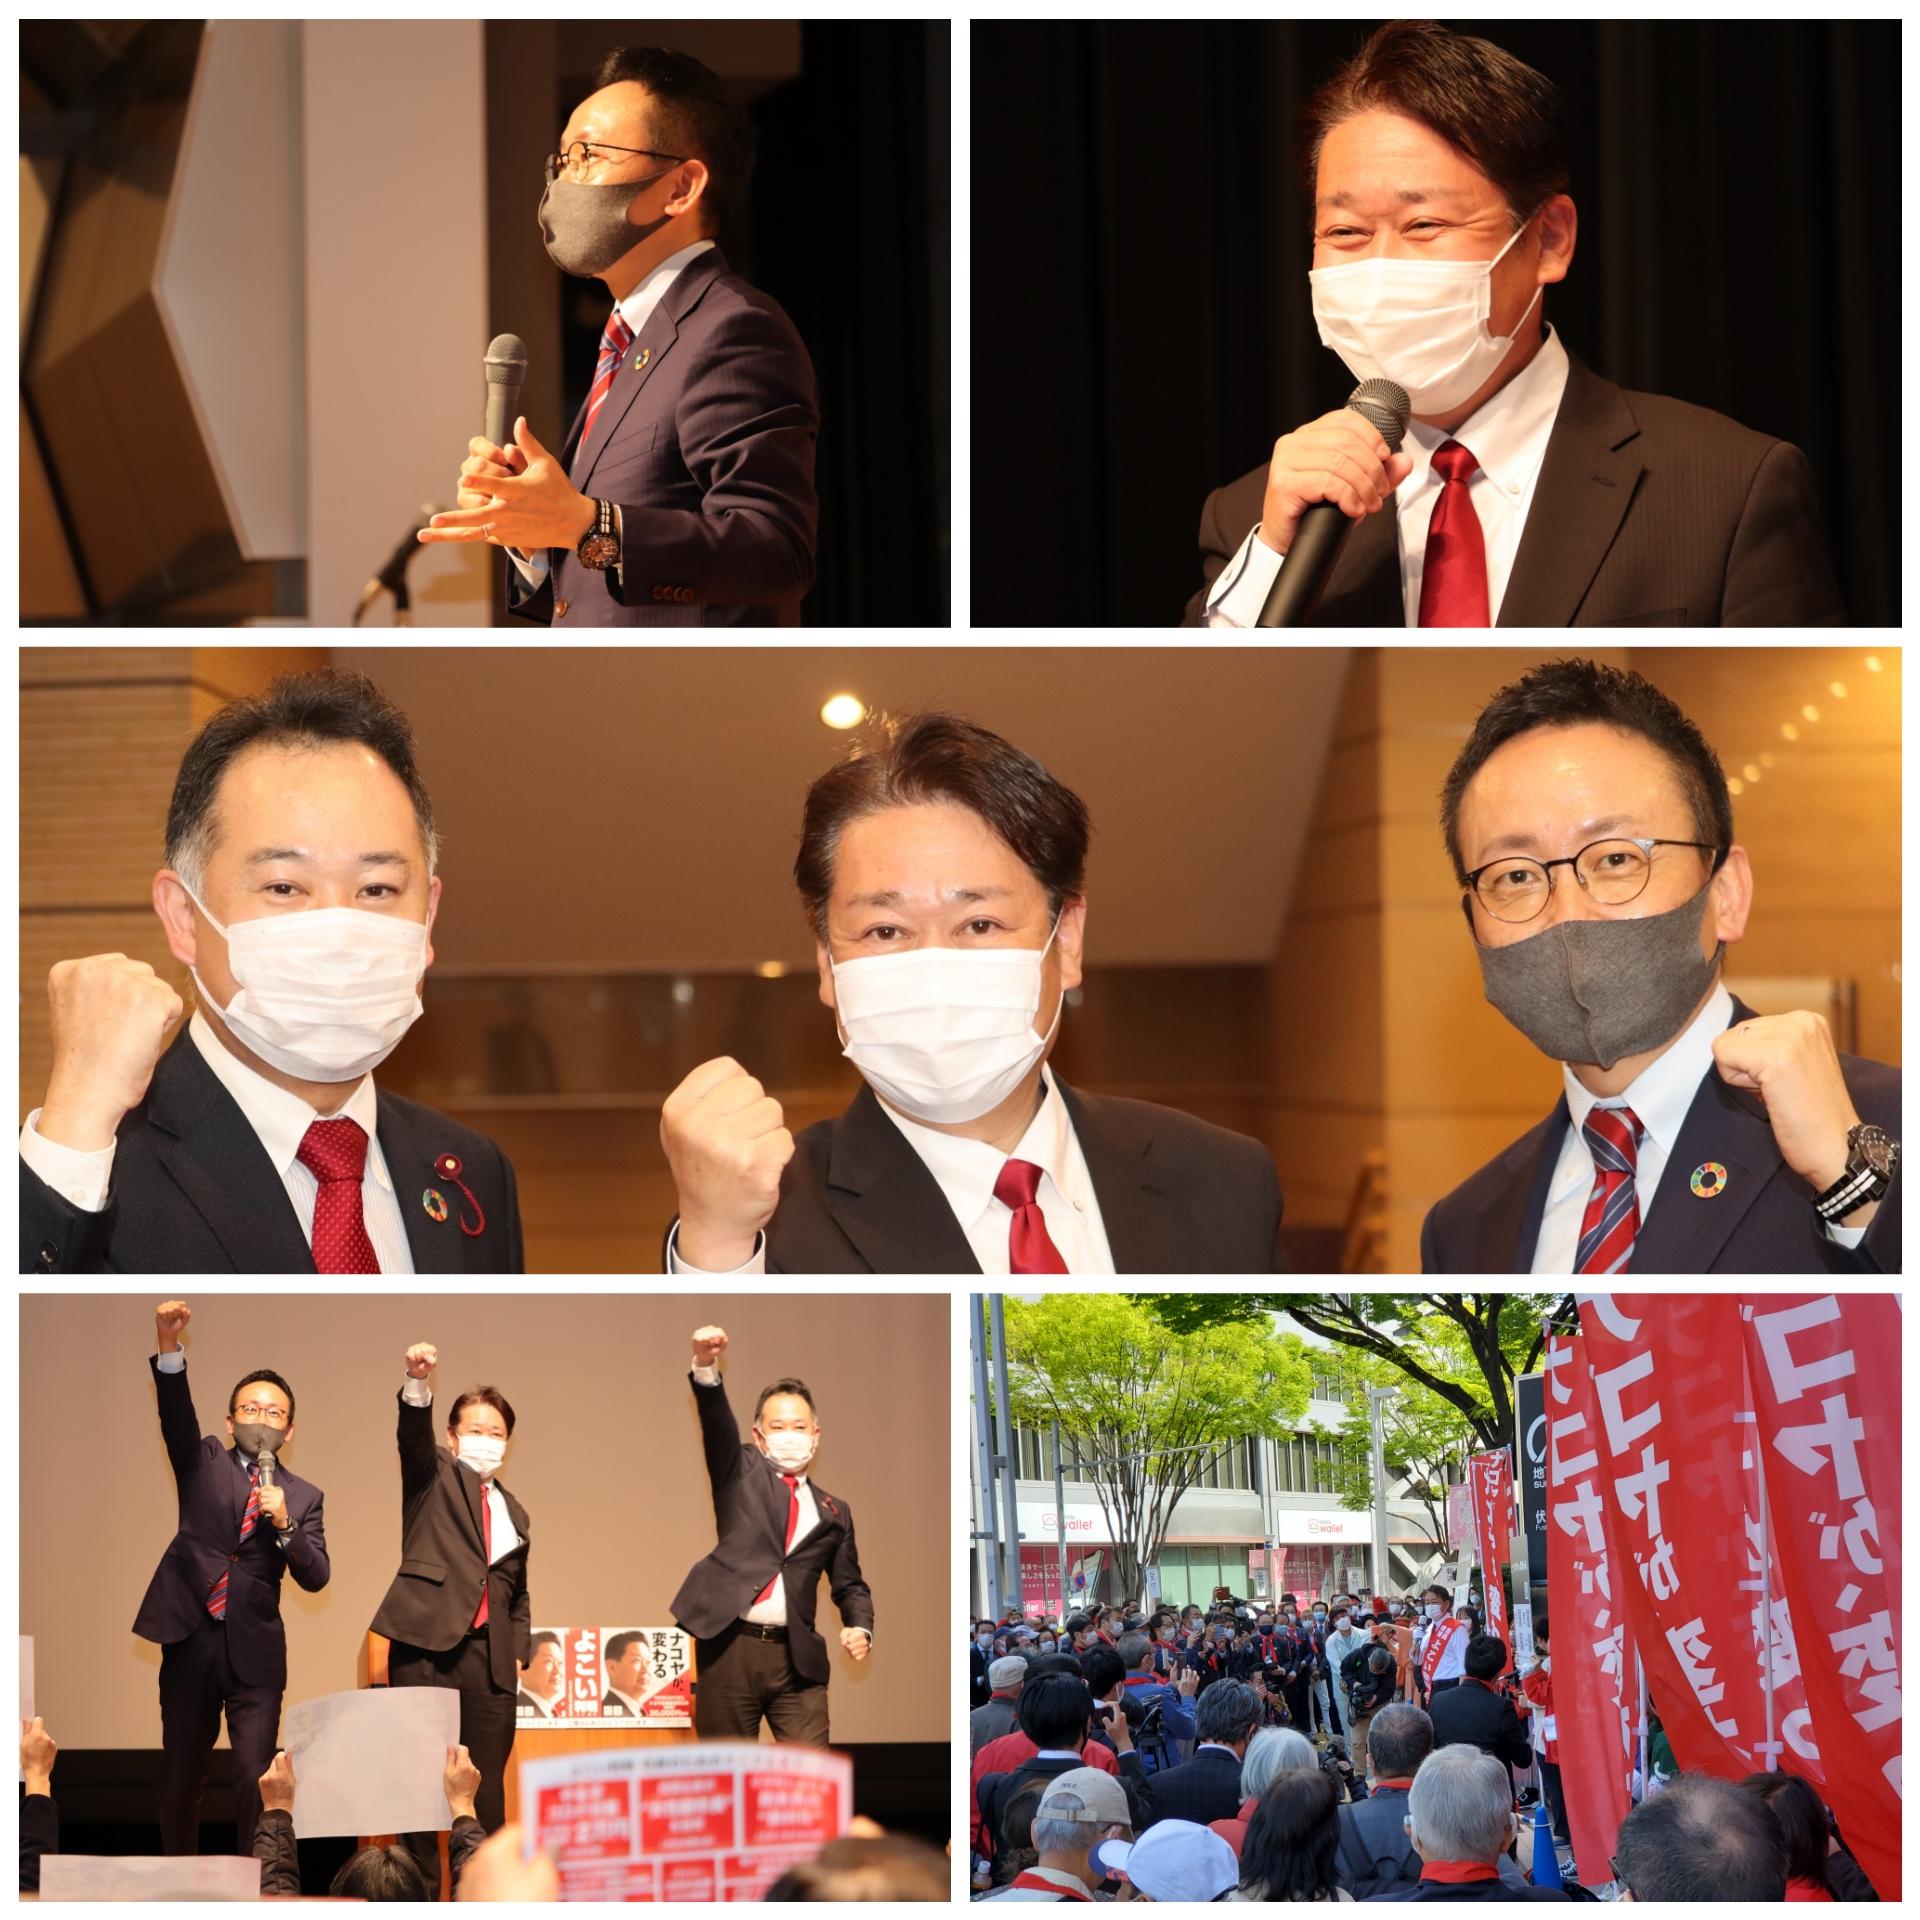 よこい利明(としあき)候補・名古屋市長選挙・出発!!